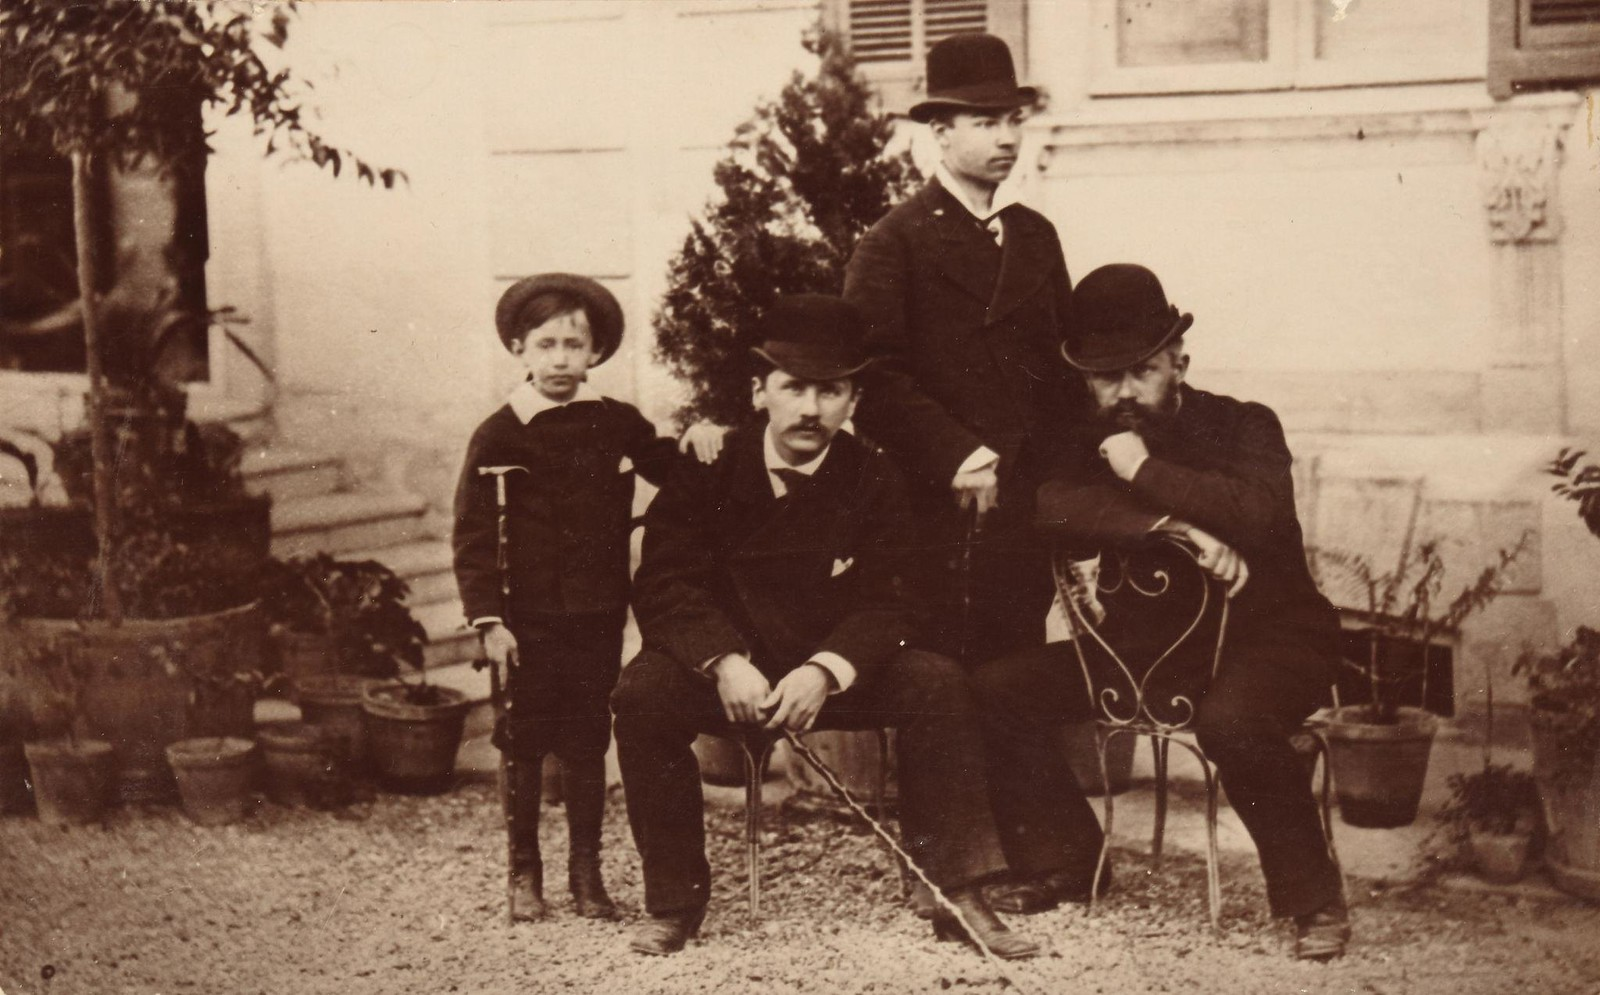 1878. Петр Чайковский, Модест Чайковский, Николай Конради и Алексей Софронов (1859-1925)